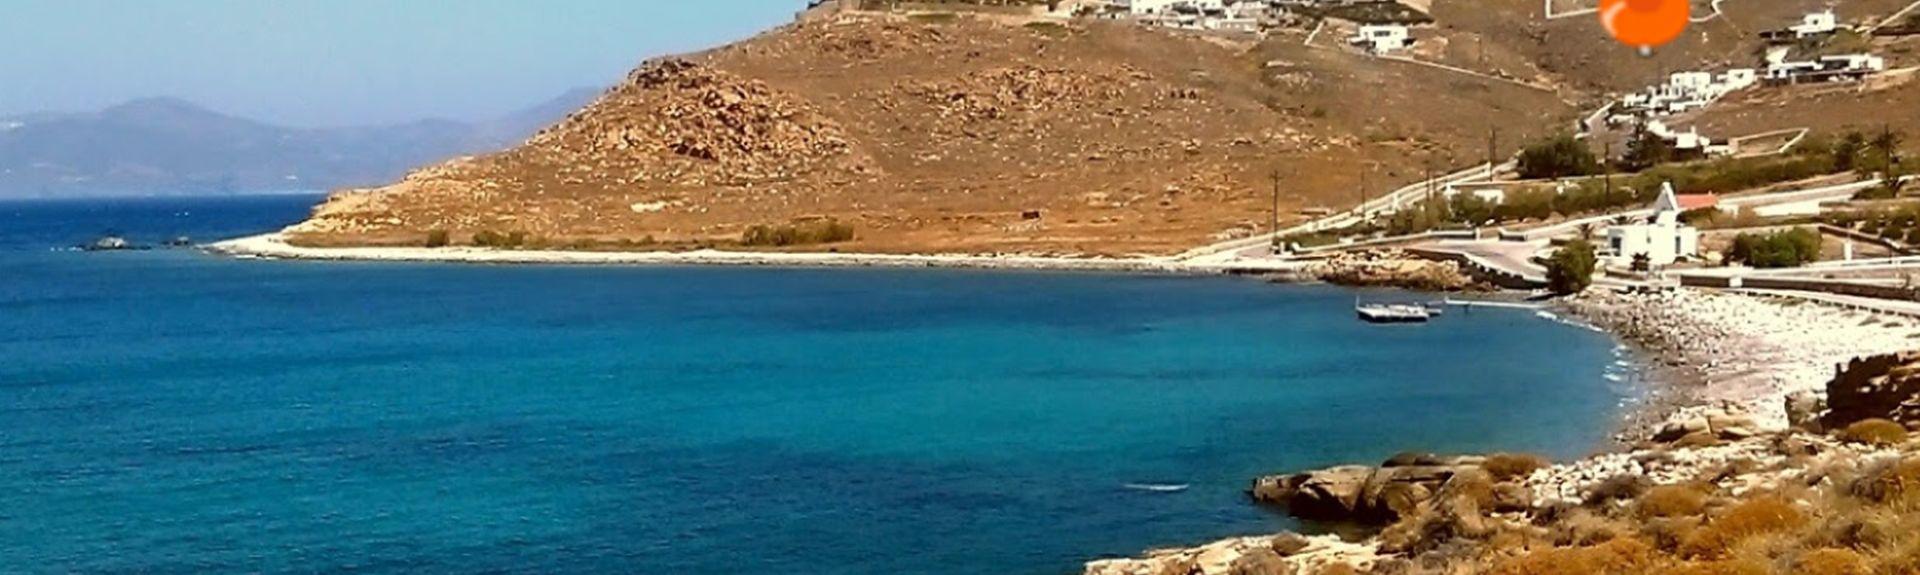 Faros Armenistis, Mykonos, South Aegean, Greece